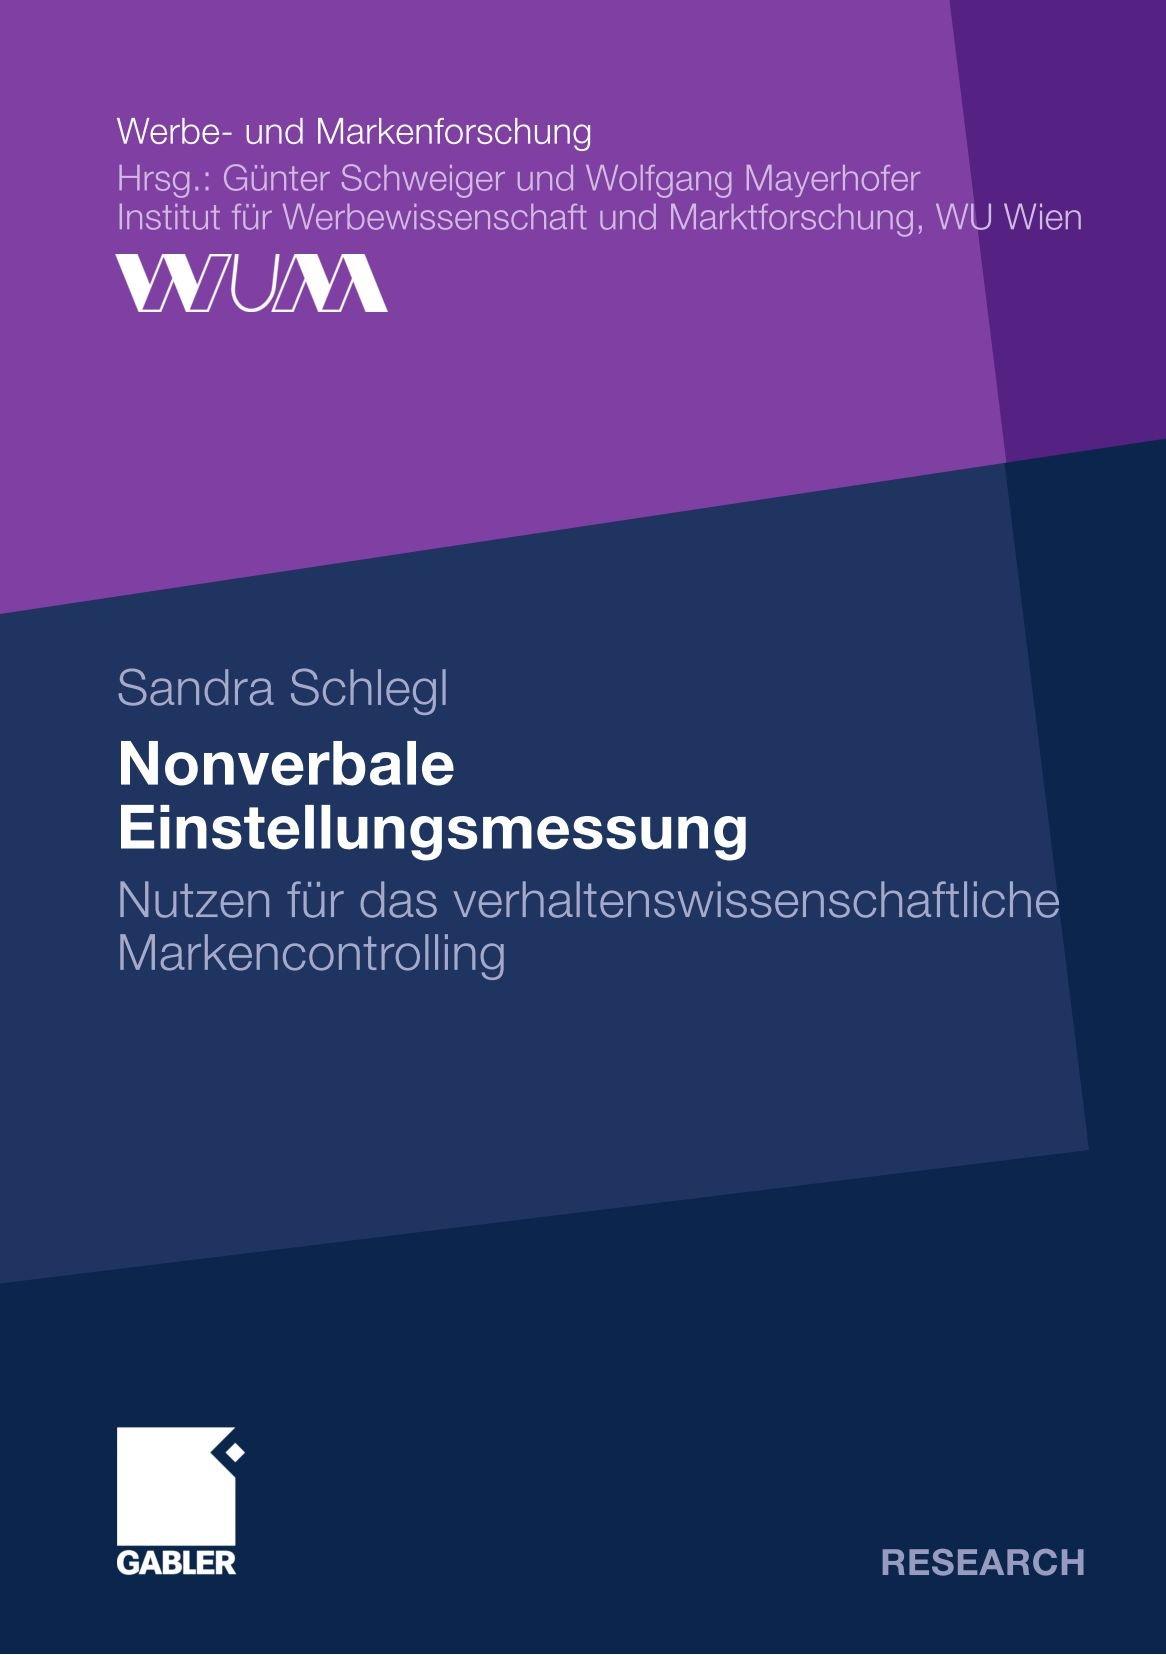 Nonverbale Einstellungsmessung: Nutzen für das verhaltenswissenschaftliche Markencontrolling (Werbe- und Markenforschung) (German Edition)